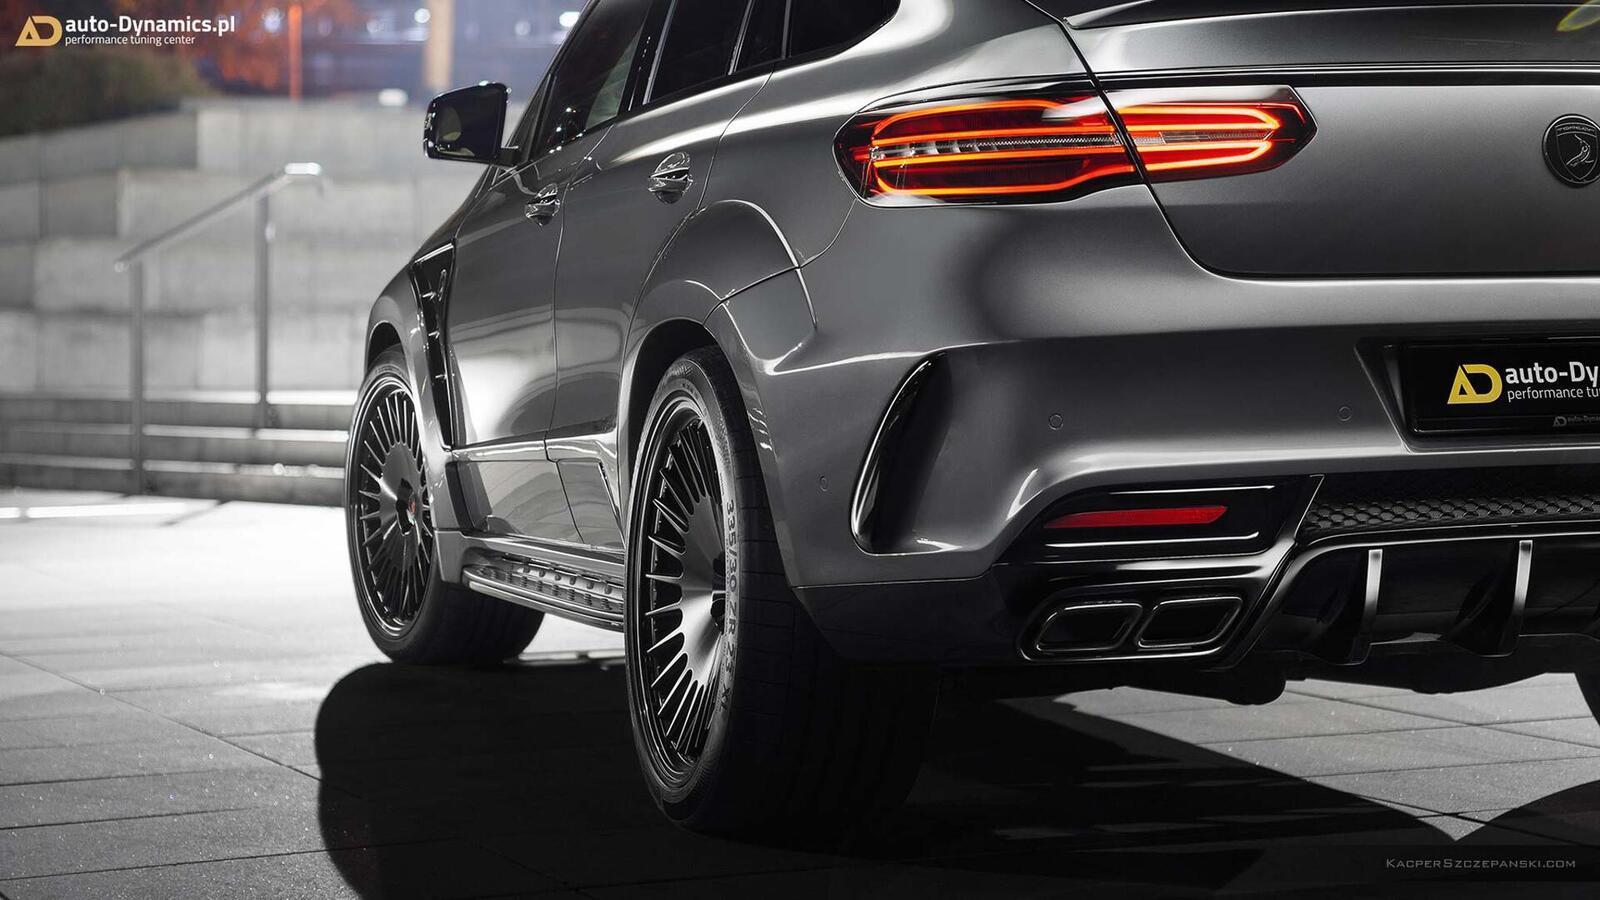 Mercedes-AMG GLE 63 S Coupe độ công suất lên 795 mã lực; tăng tốc 0-100 km/h trong 3,25 giây - Hình 6